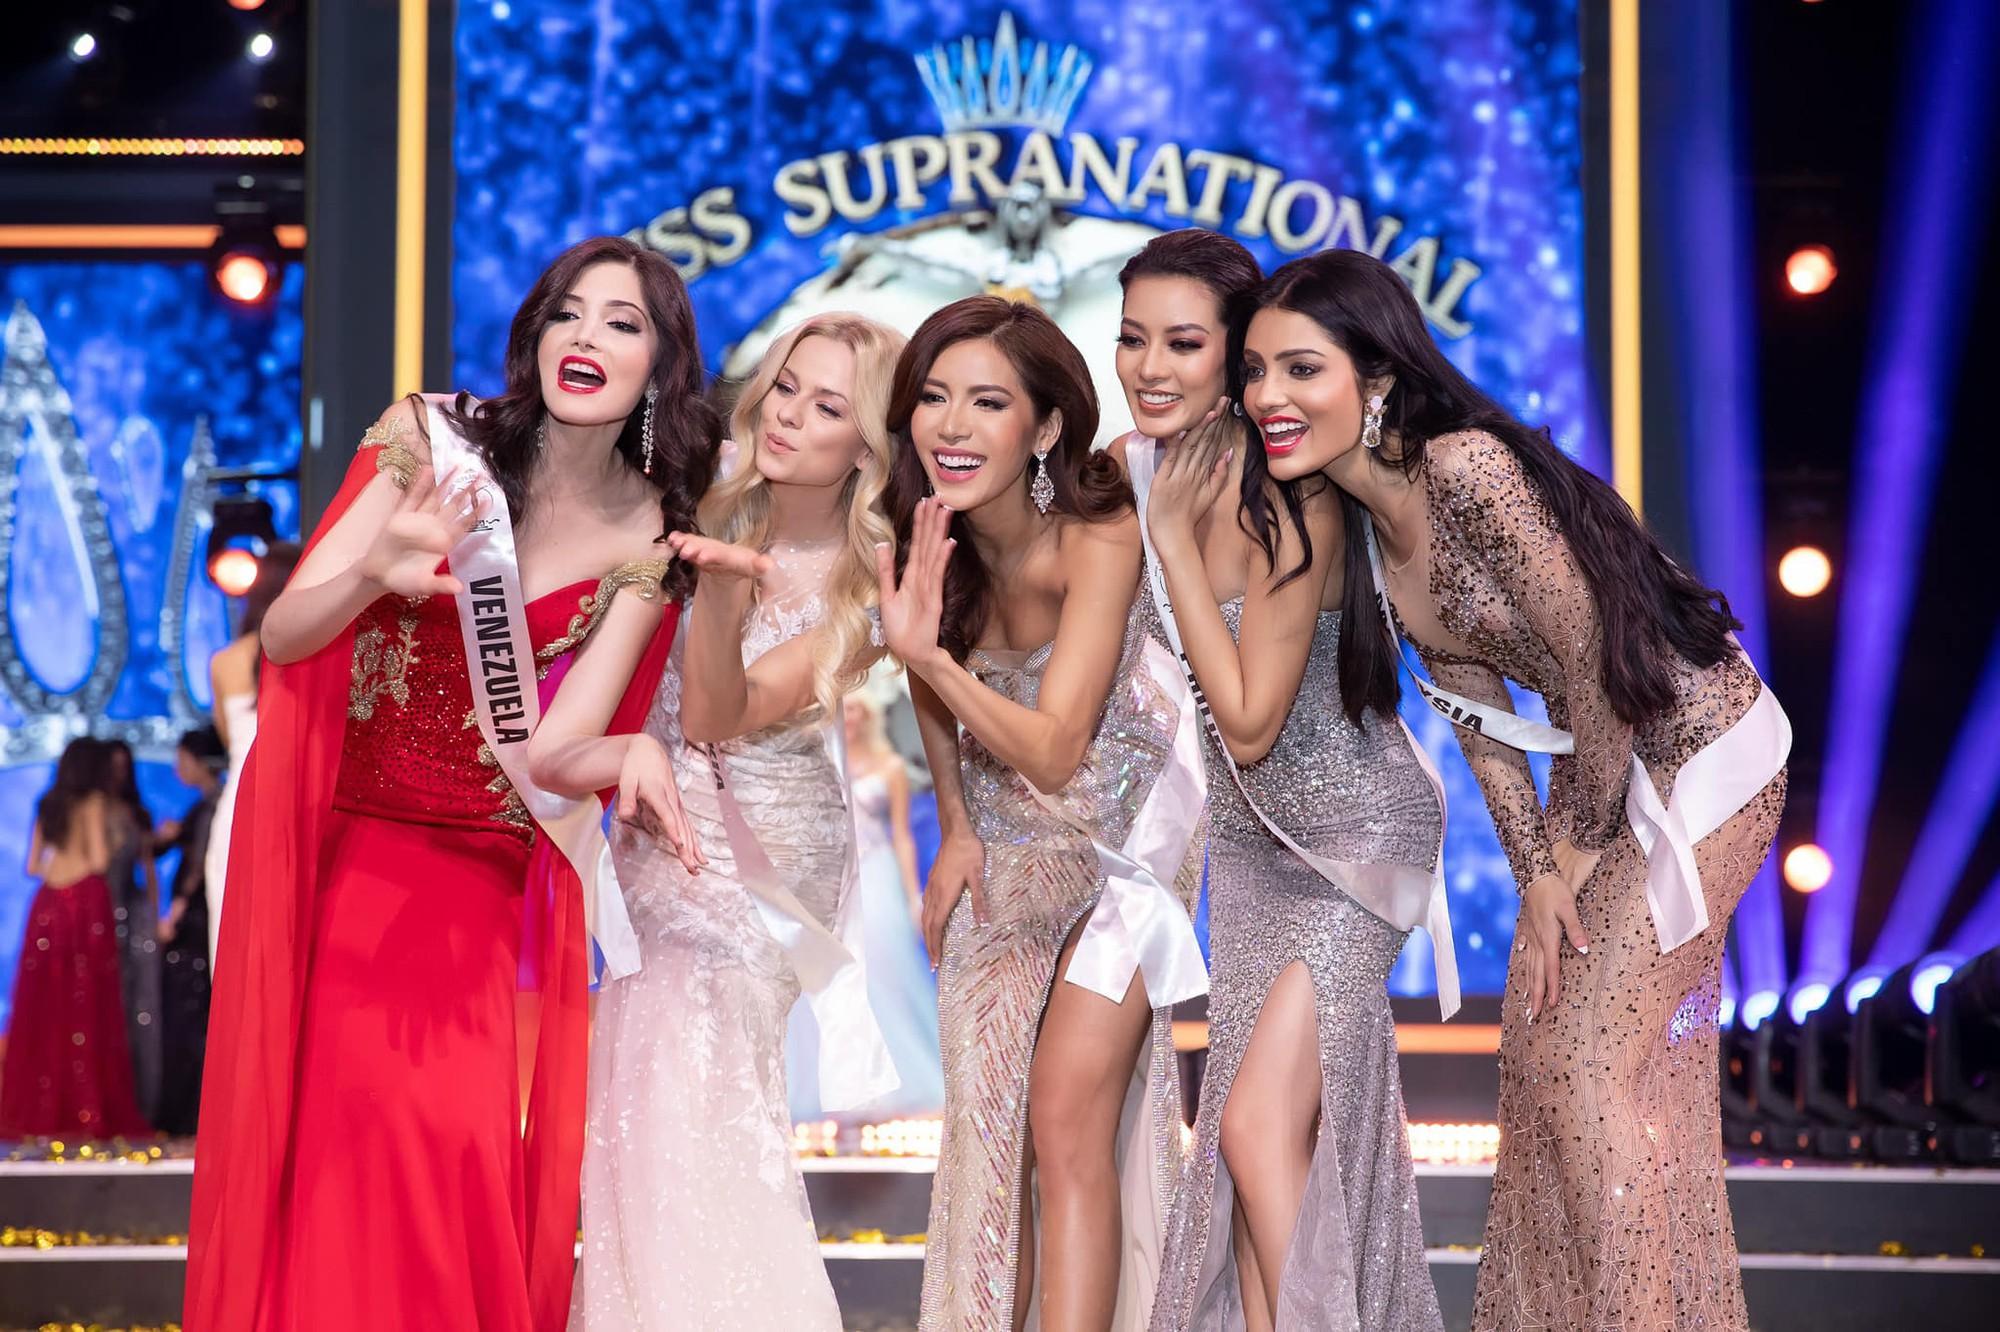 Minh Tú đội vương miện Hoa hậu Siêu quốc gia Châu Á, quẩy hết mình sau khi chỉ dừng chân tại Top 10 - Ảnh 7.